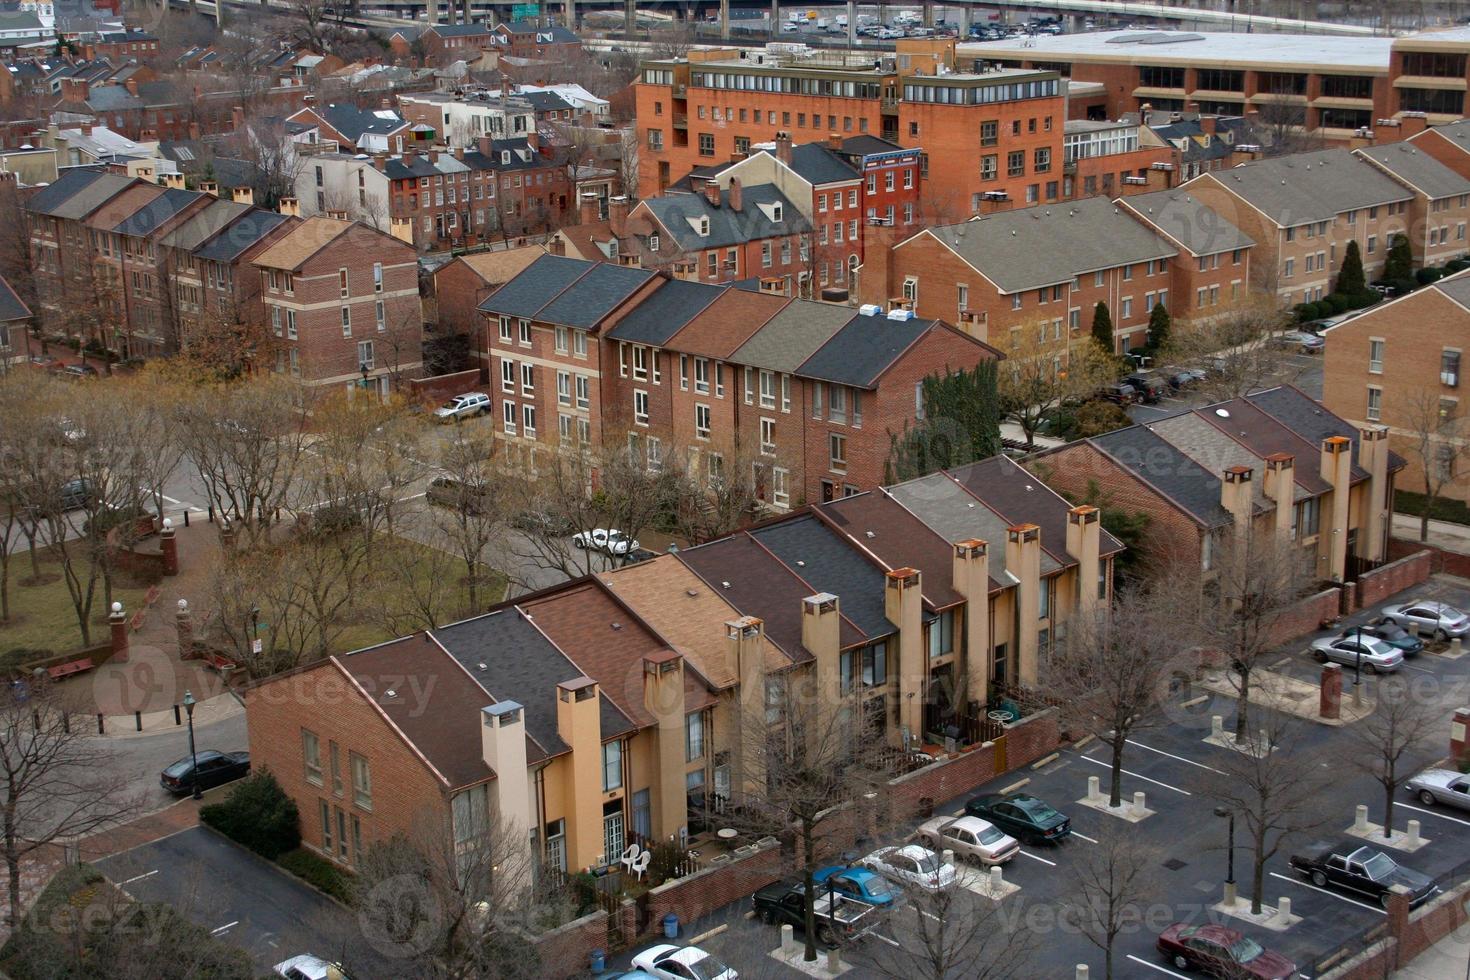 vista aérea do bairro 2 foto